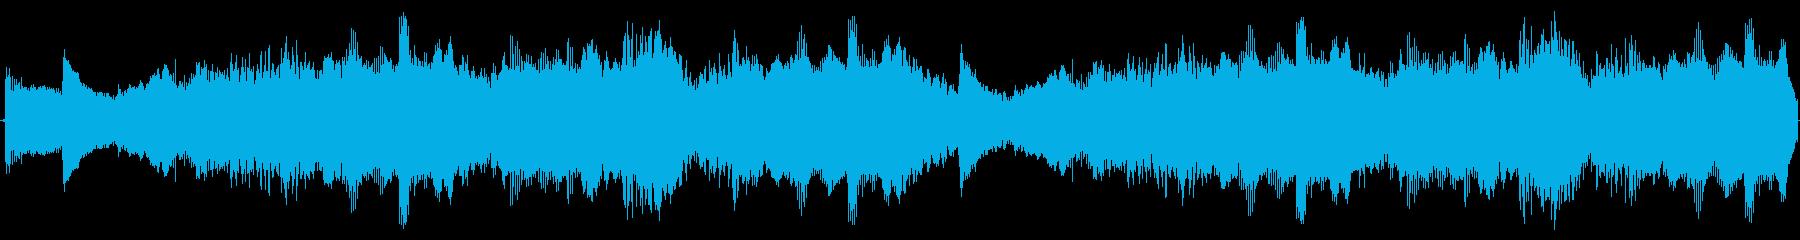 ダークファンタジーなストリングスとハープの再生済みの波形